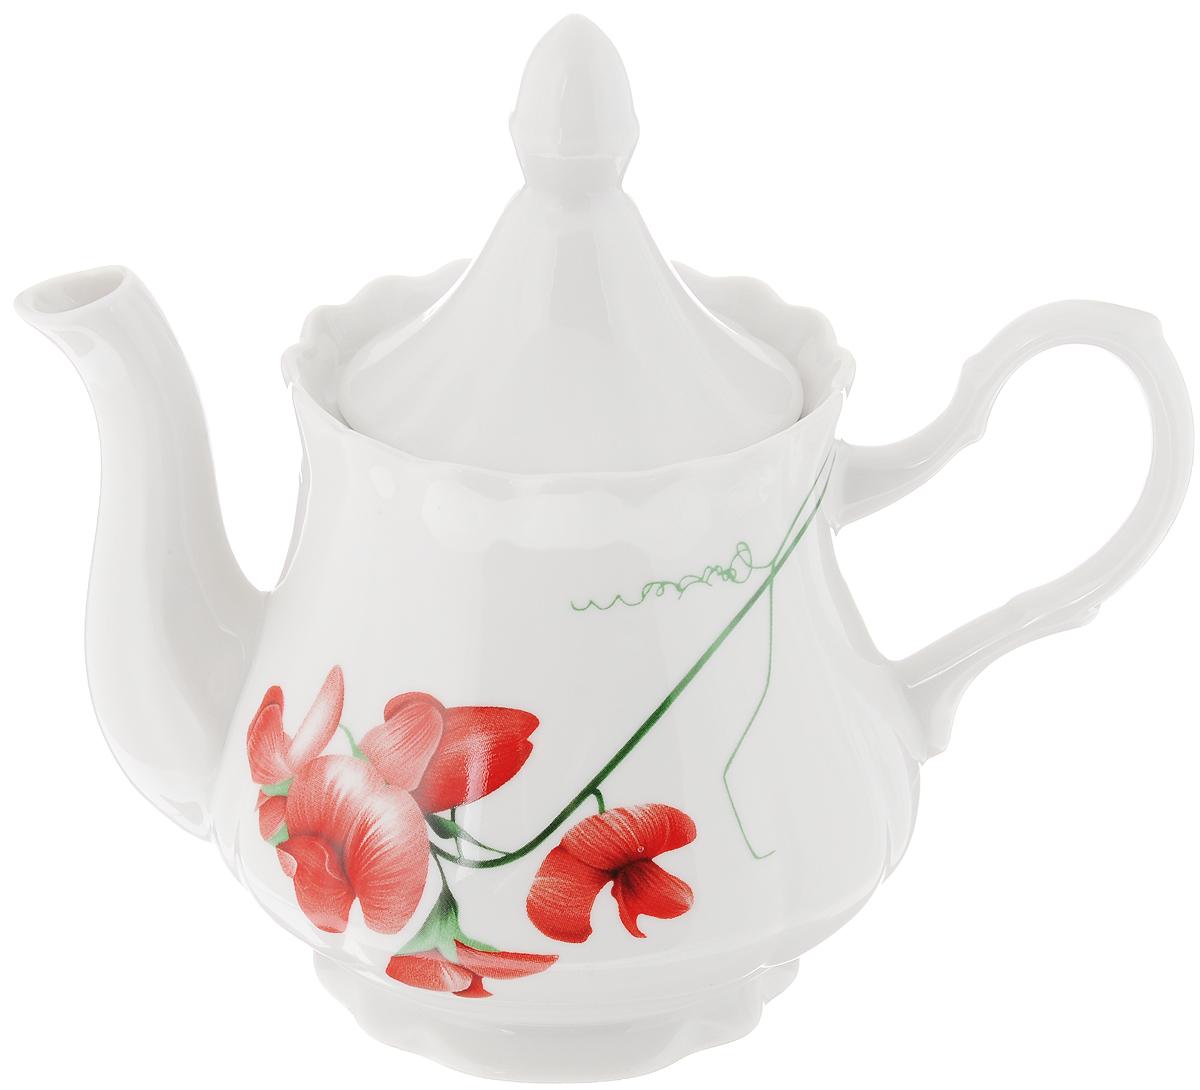 Чайник заварочный Романс. Рубин, 800 мл1224538Заварочный чайник Романс. Рубин изготовлен из высококачественного фарфора. Посудаоформлена ярким рисунком. Такой чайник идеально подойдет для заваривания чая. Он хорошо держит температуру, что способствует более полному раскрытию цвета, аромата и вкуса чайного букета. Изделие прекрасно дополнит сервировку стола к чаепитию и станет его неизменным атрибутом.Объем: 800 мл. Диаметр (по верхнему краю): 9,3 см. Диаметр основания: 8,5 см.Высота чайника (без учета крышки): 12 см.